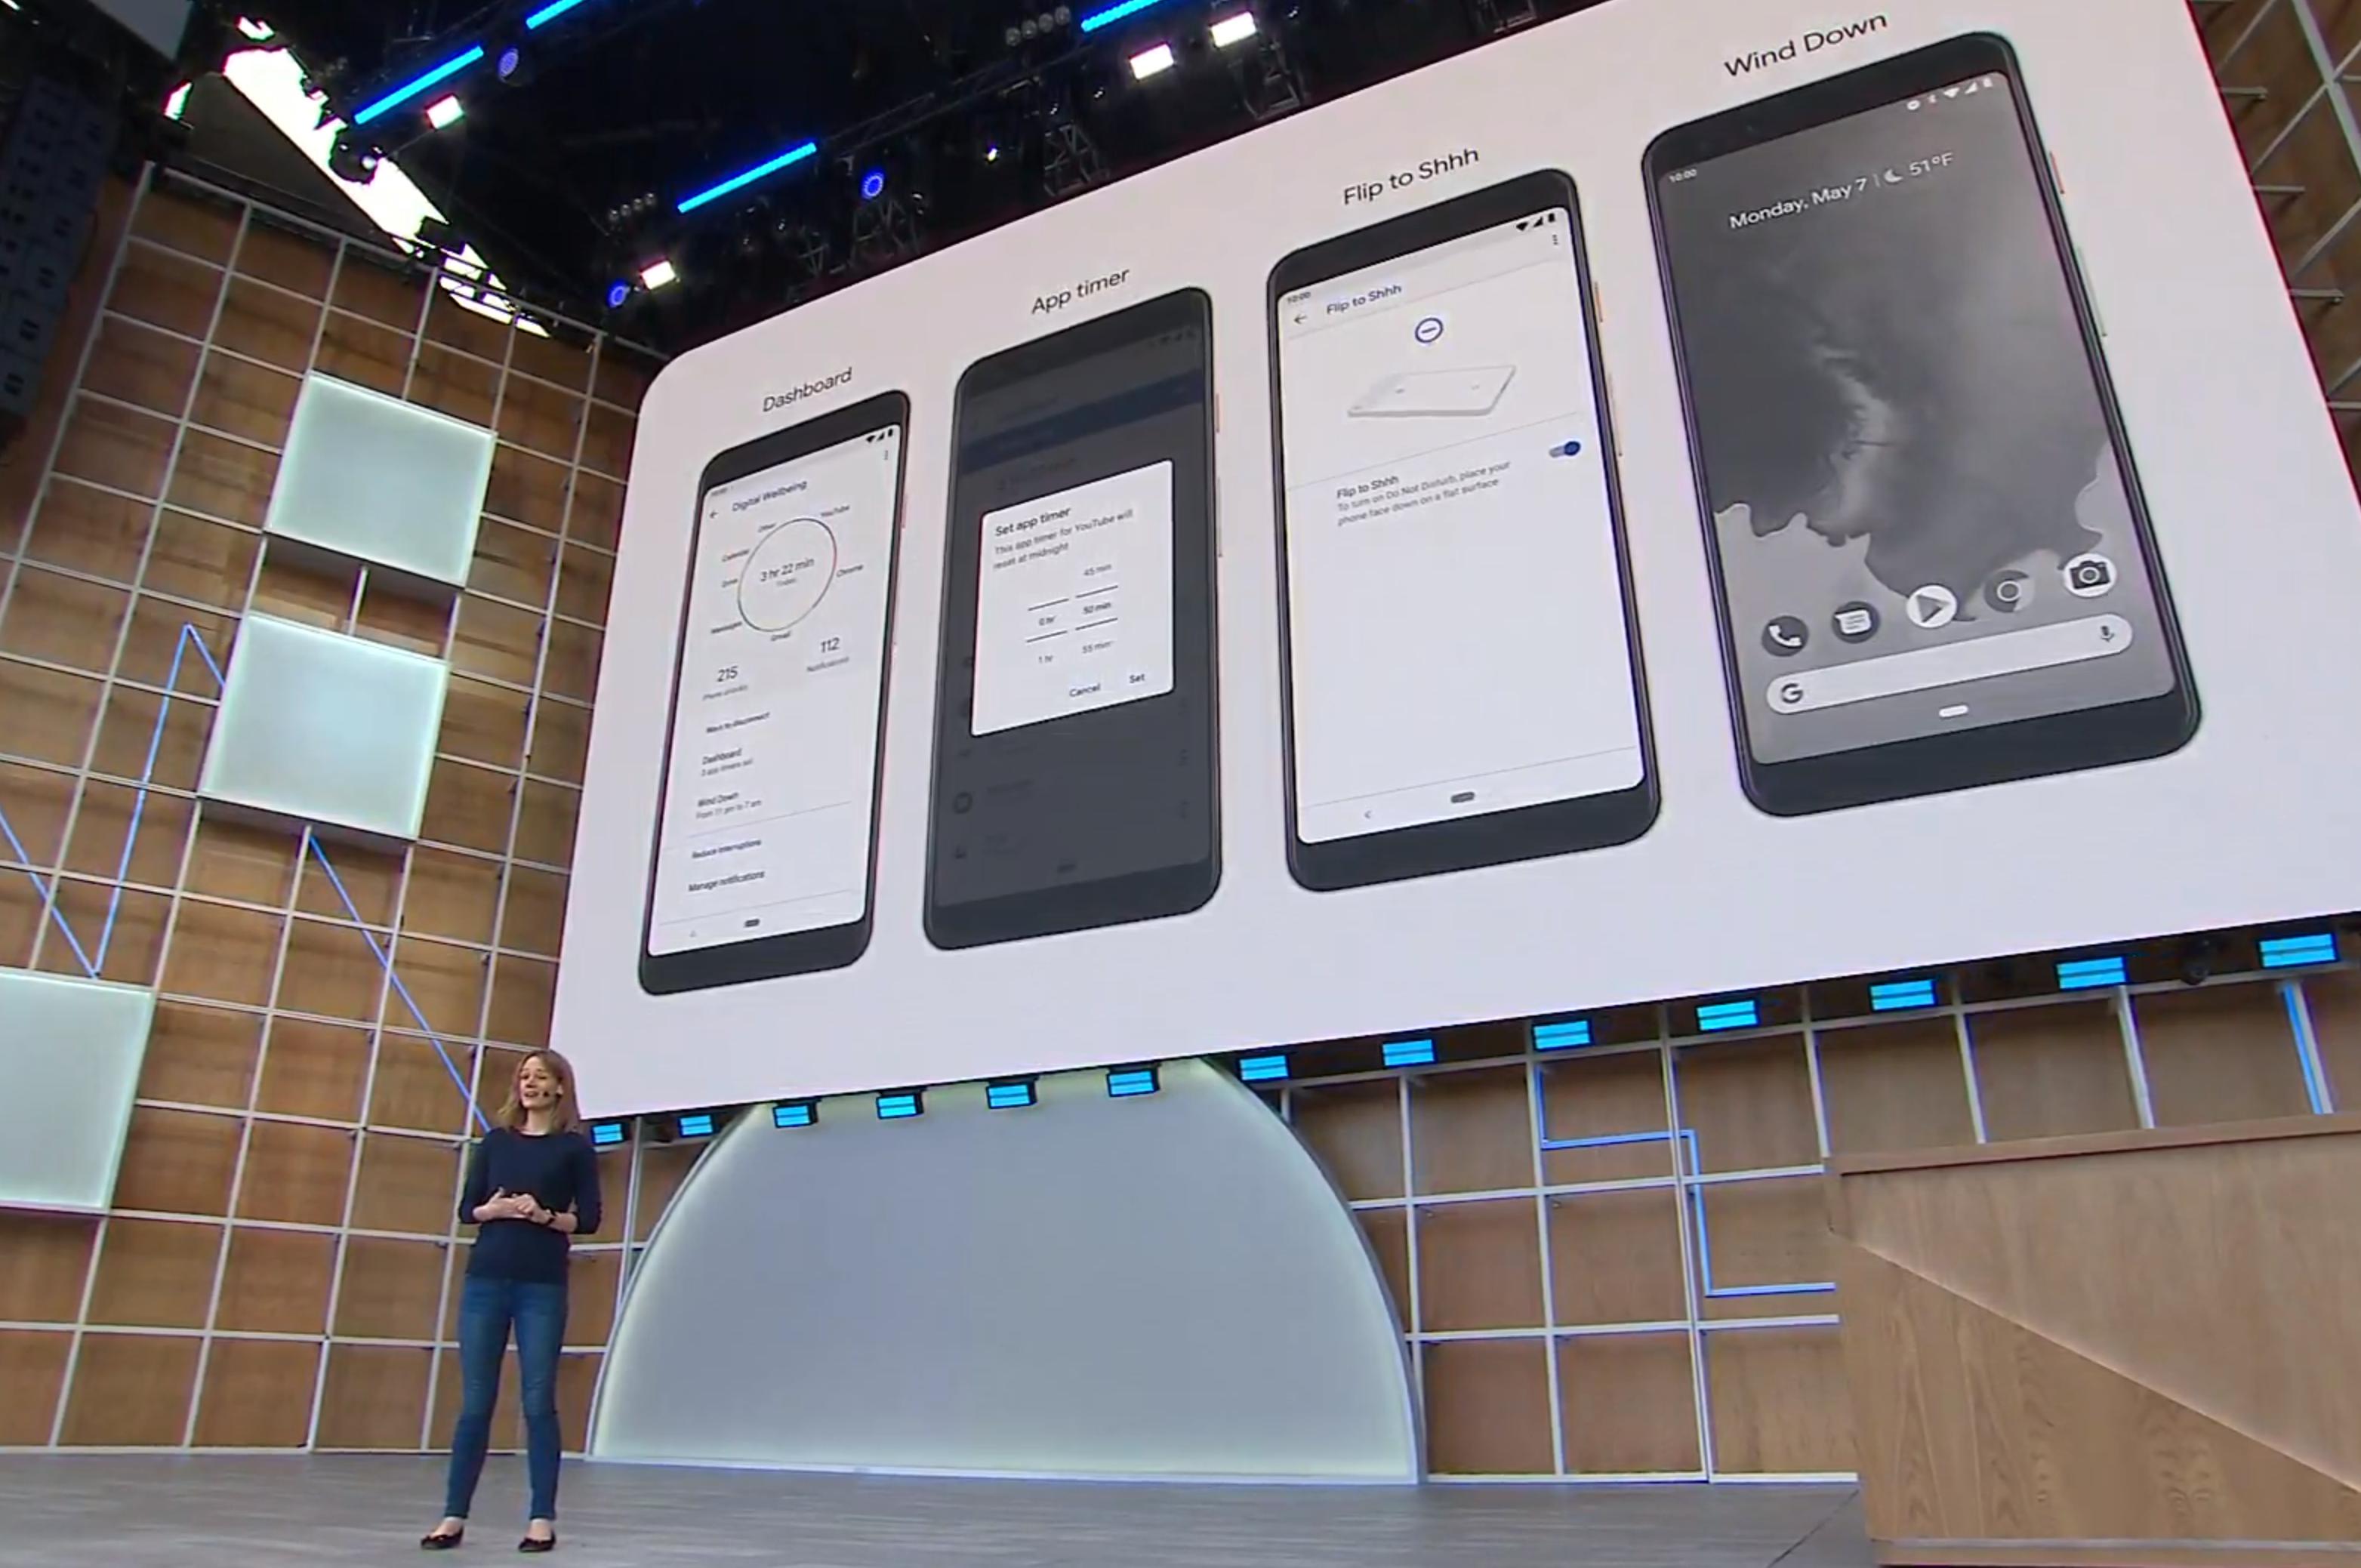 Nylig oppdaterte Google Android-planene sine under IO-konferansen. Blant disse planene annonserte de at sikkerhetsoppdateringer skulle kom me gjennom Google Play. Det er mulig å se for seg at Google Play også skilles fra Android-operativsystemet og blir en egen nedlasting.